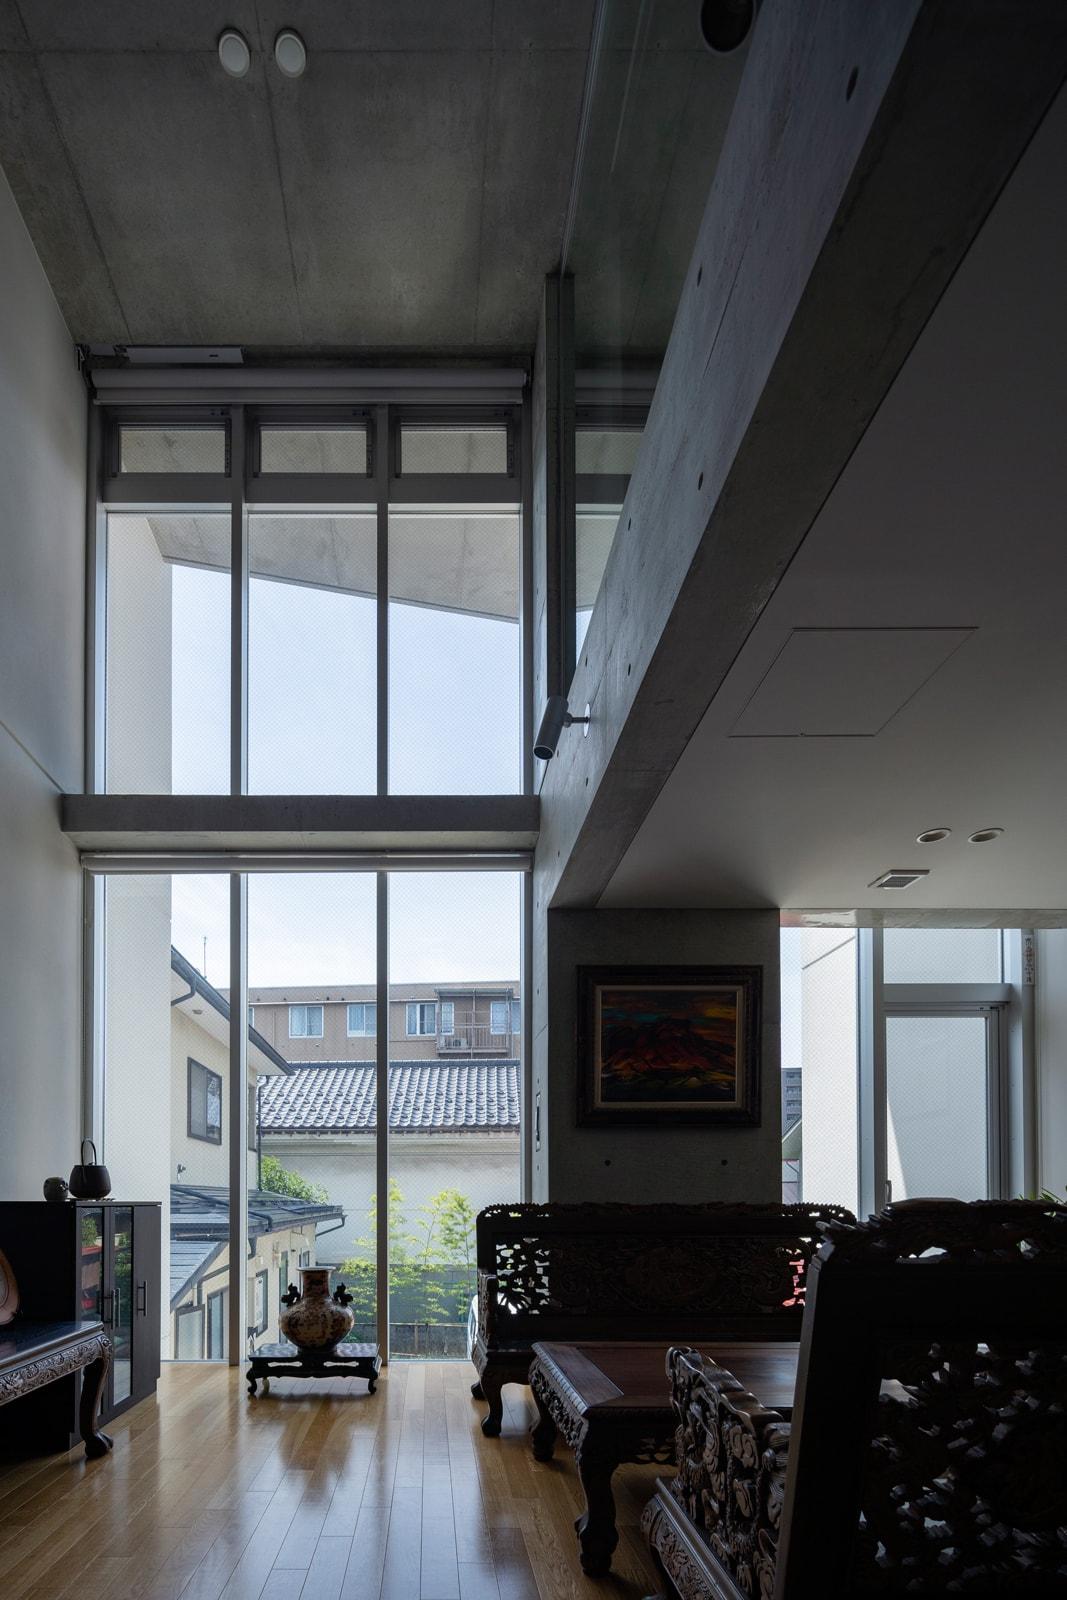 吹き抜けいっぱいに設けた大迫力のカーテンウォールで、応接室兼リビングは明るく伸びやかな空間に。吹き抜け最上部の外倒し窓が重力換気を促し、室内に外気を呼び込む